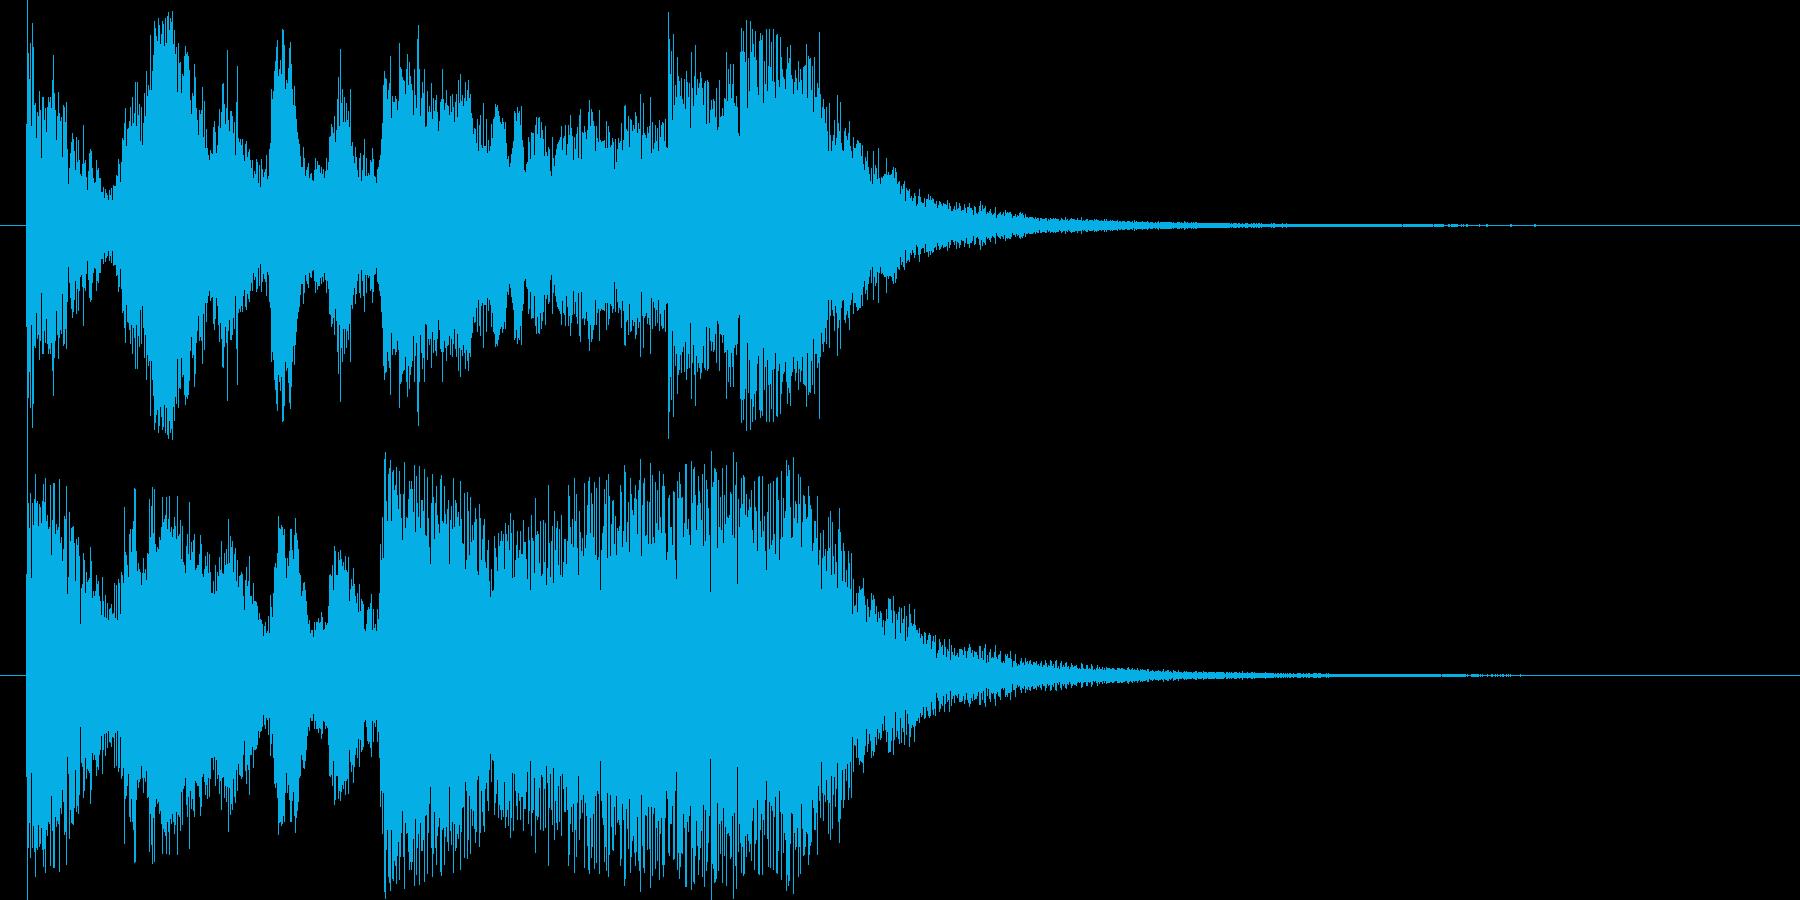 トランペットが高らかに鳴るファンファーレの再生済みの波形